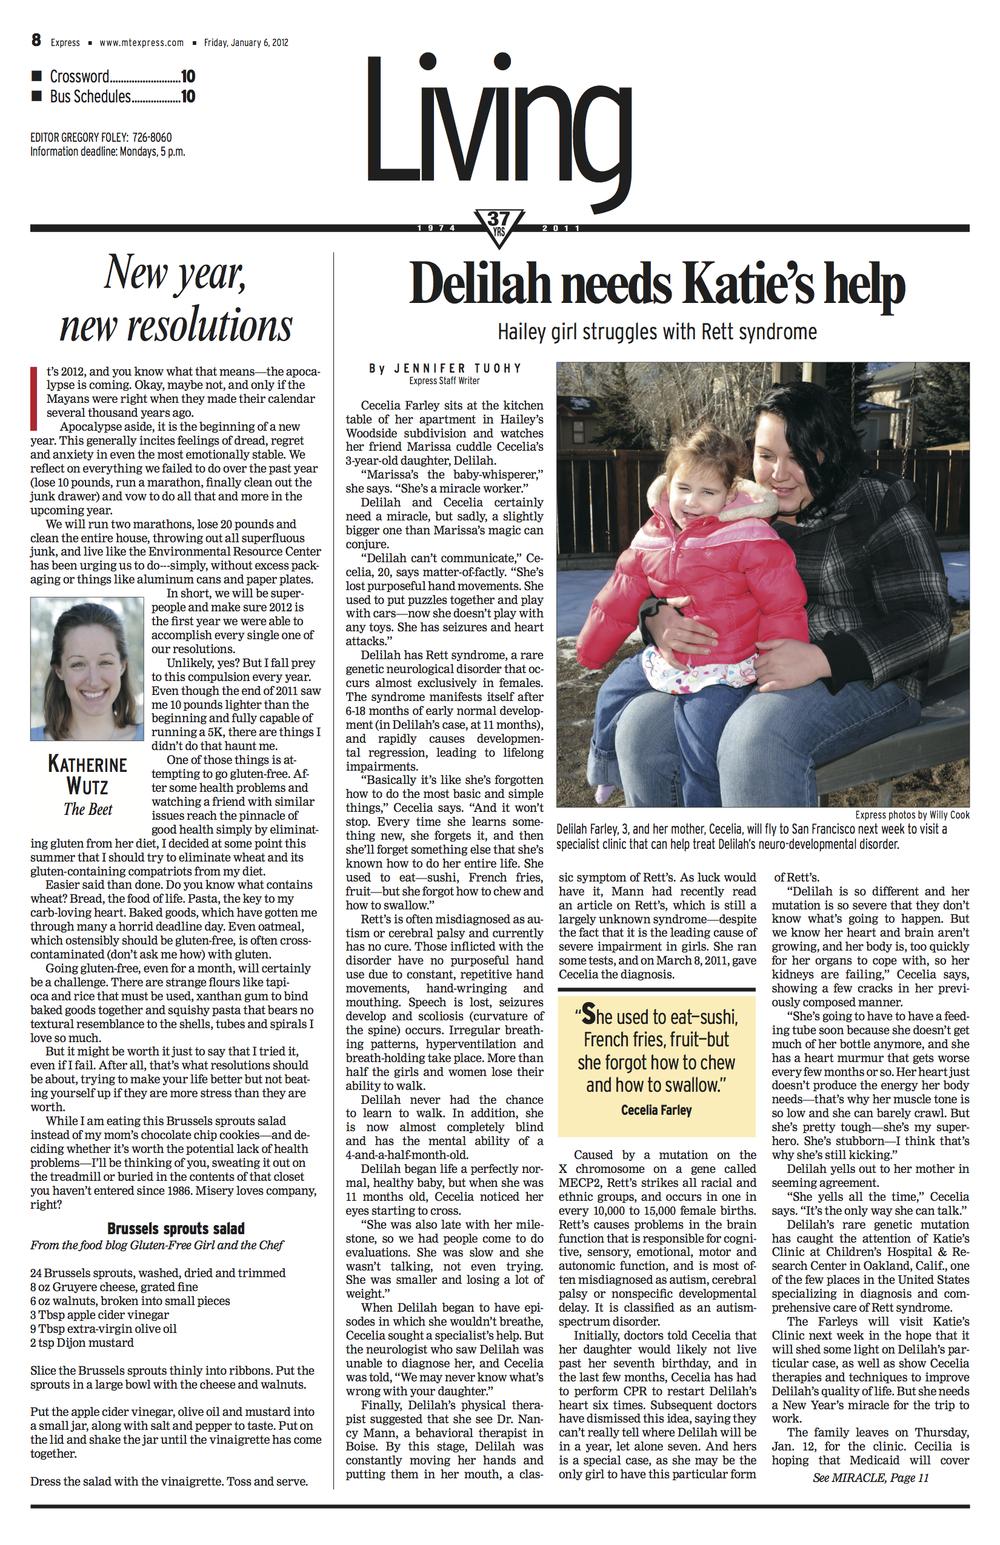 Delilah Needs Katie's Help